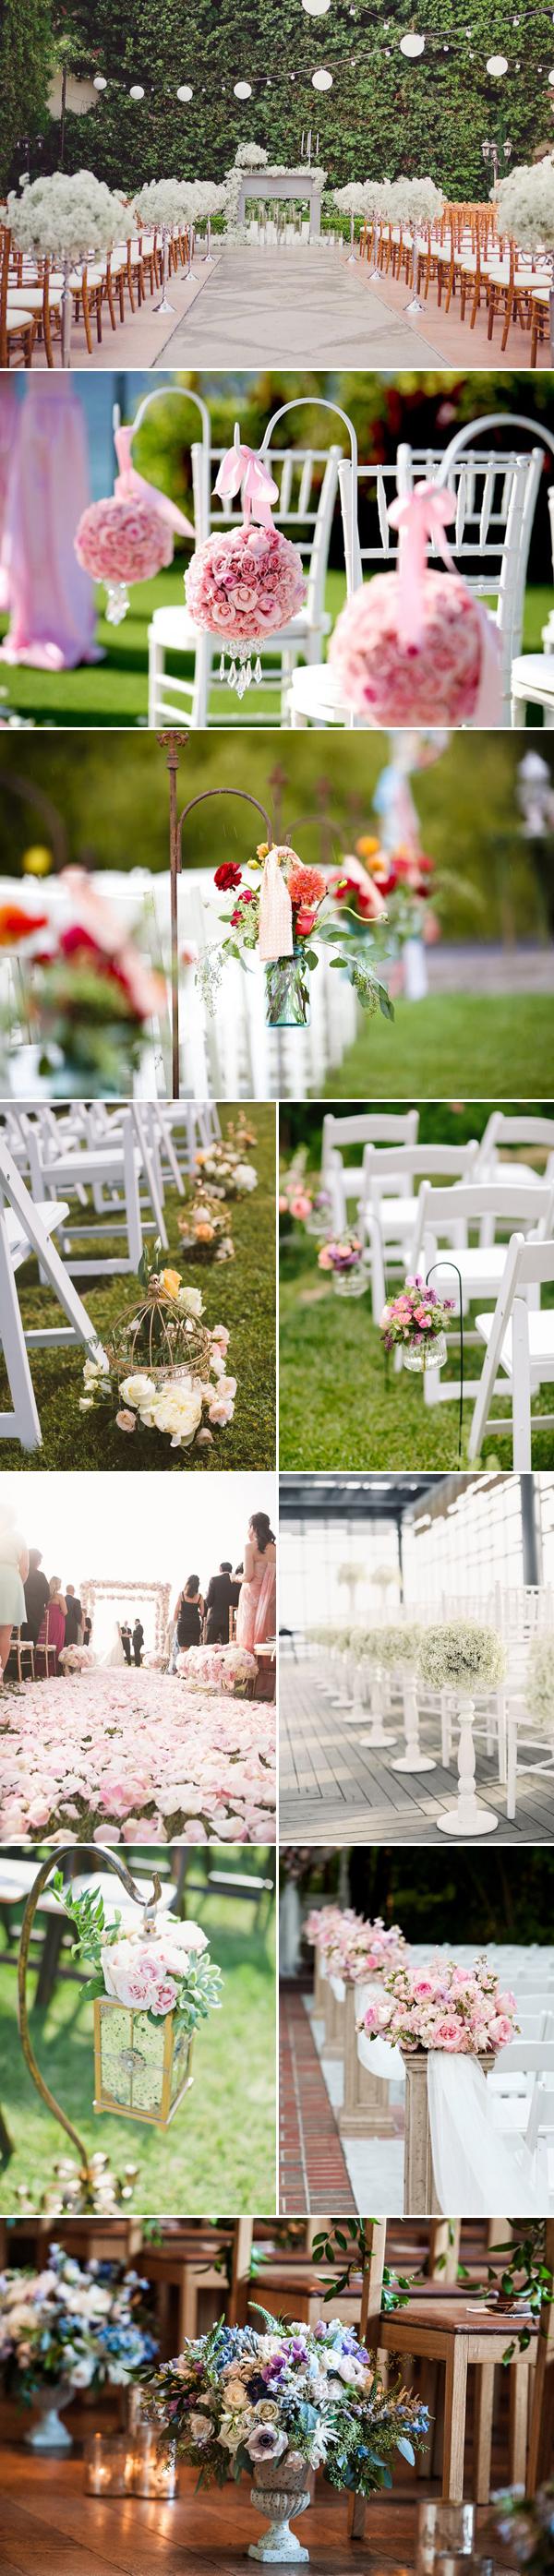 aisle03-floral